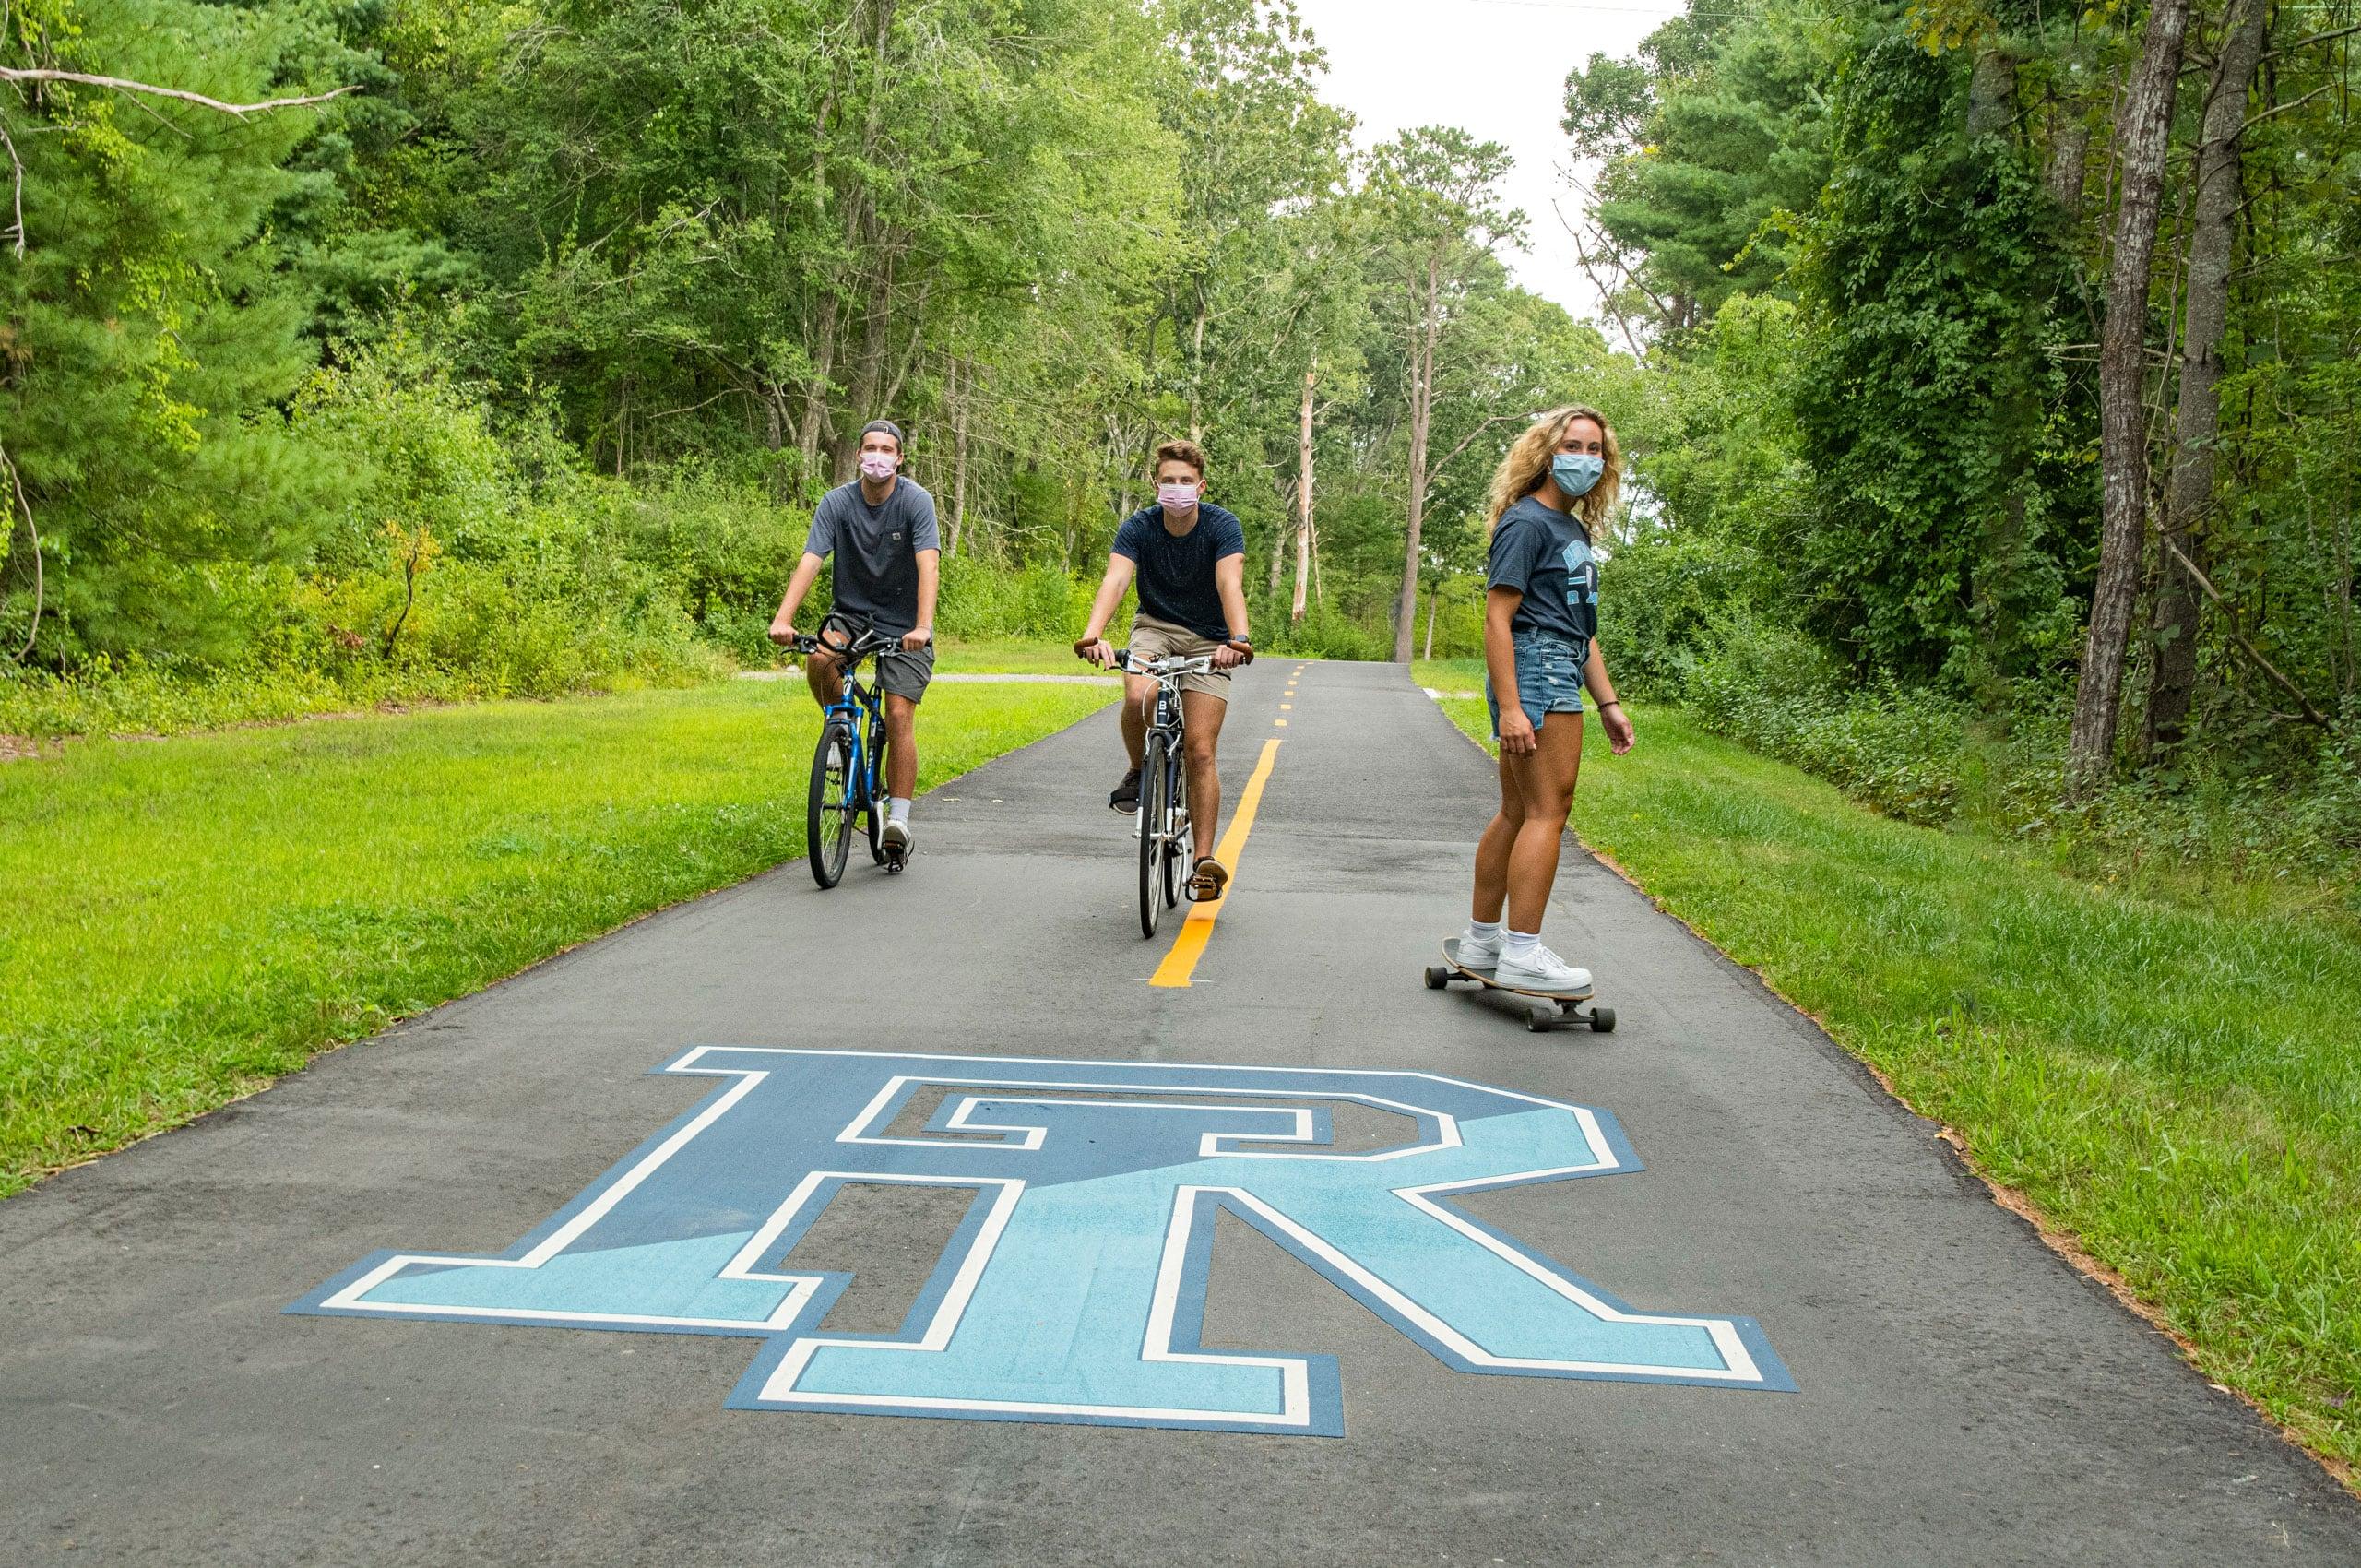 Students on the URI bike path